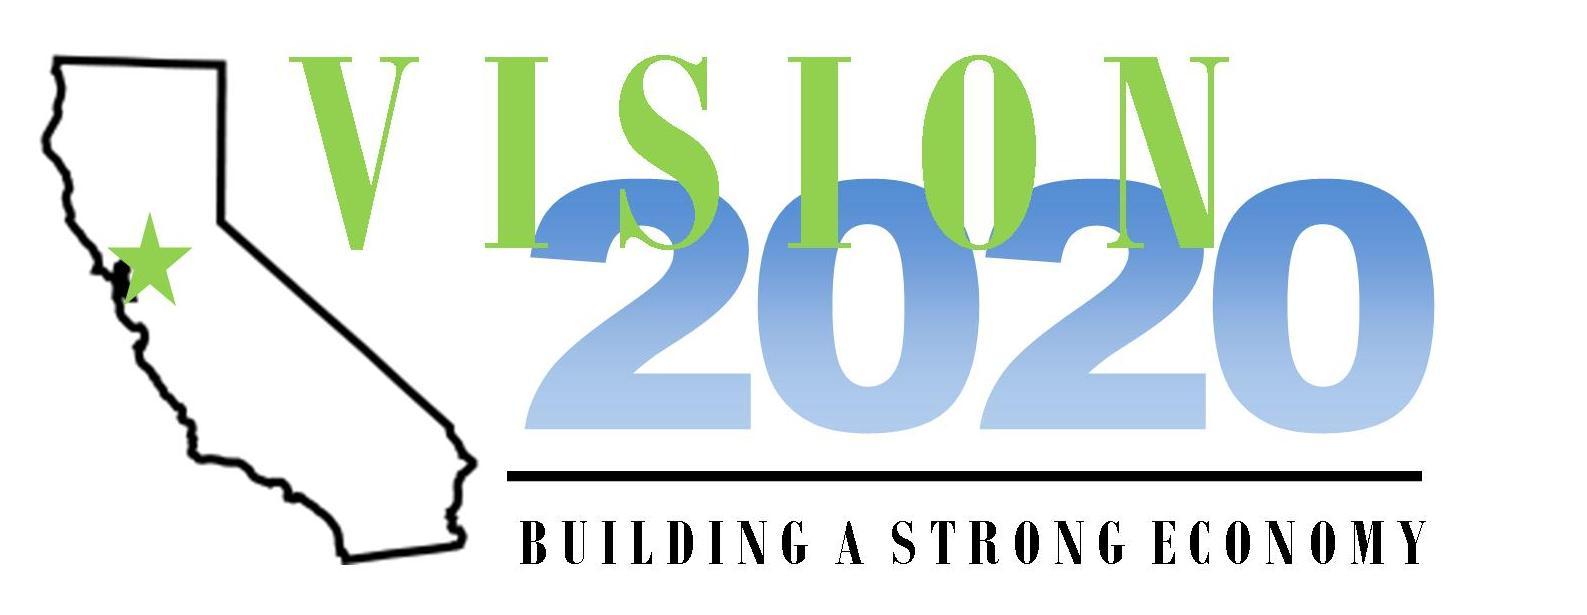 future of india in 2020 essay